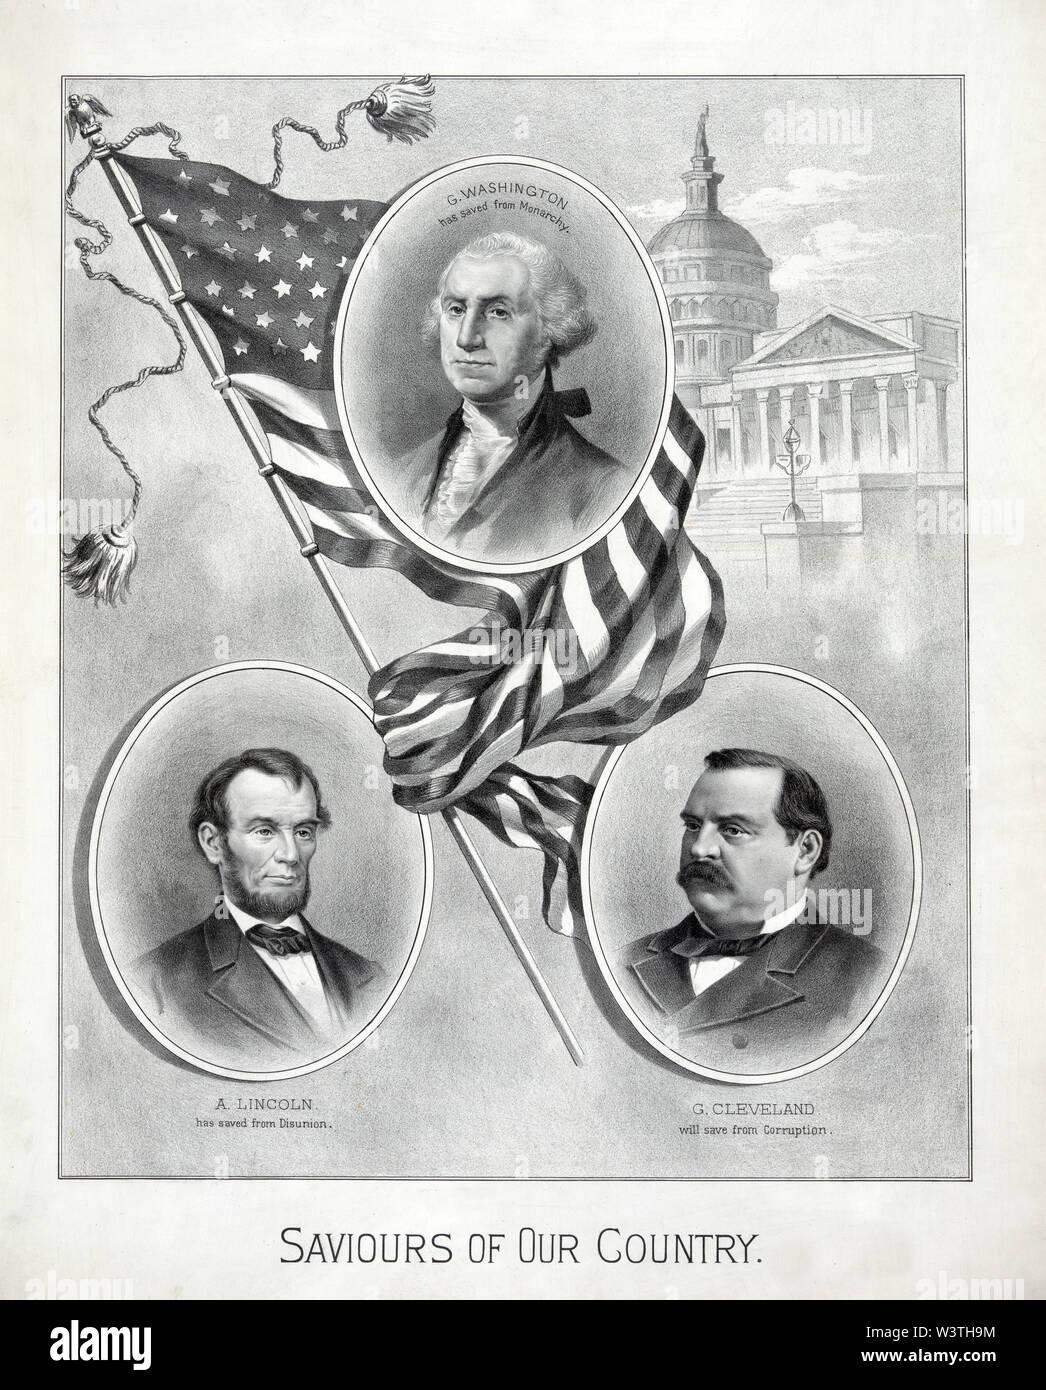 Salvadores de nuestro país, de cabeza y hombros retratos de presidentes de EE.UU. George Washington, Abraham Lincoln, y Grover Cleveland, con el Capitolio de EE.UU. en el fondo, el póster de la campaña durante las elecciones presidenciales de 1884, litografía, 1884 Imagen De Stock